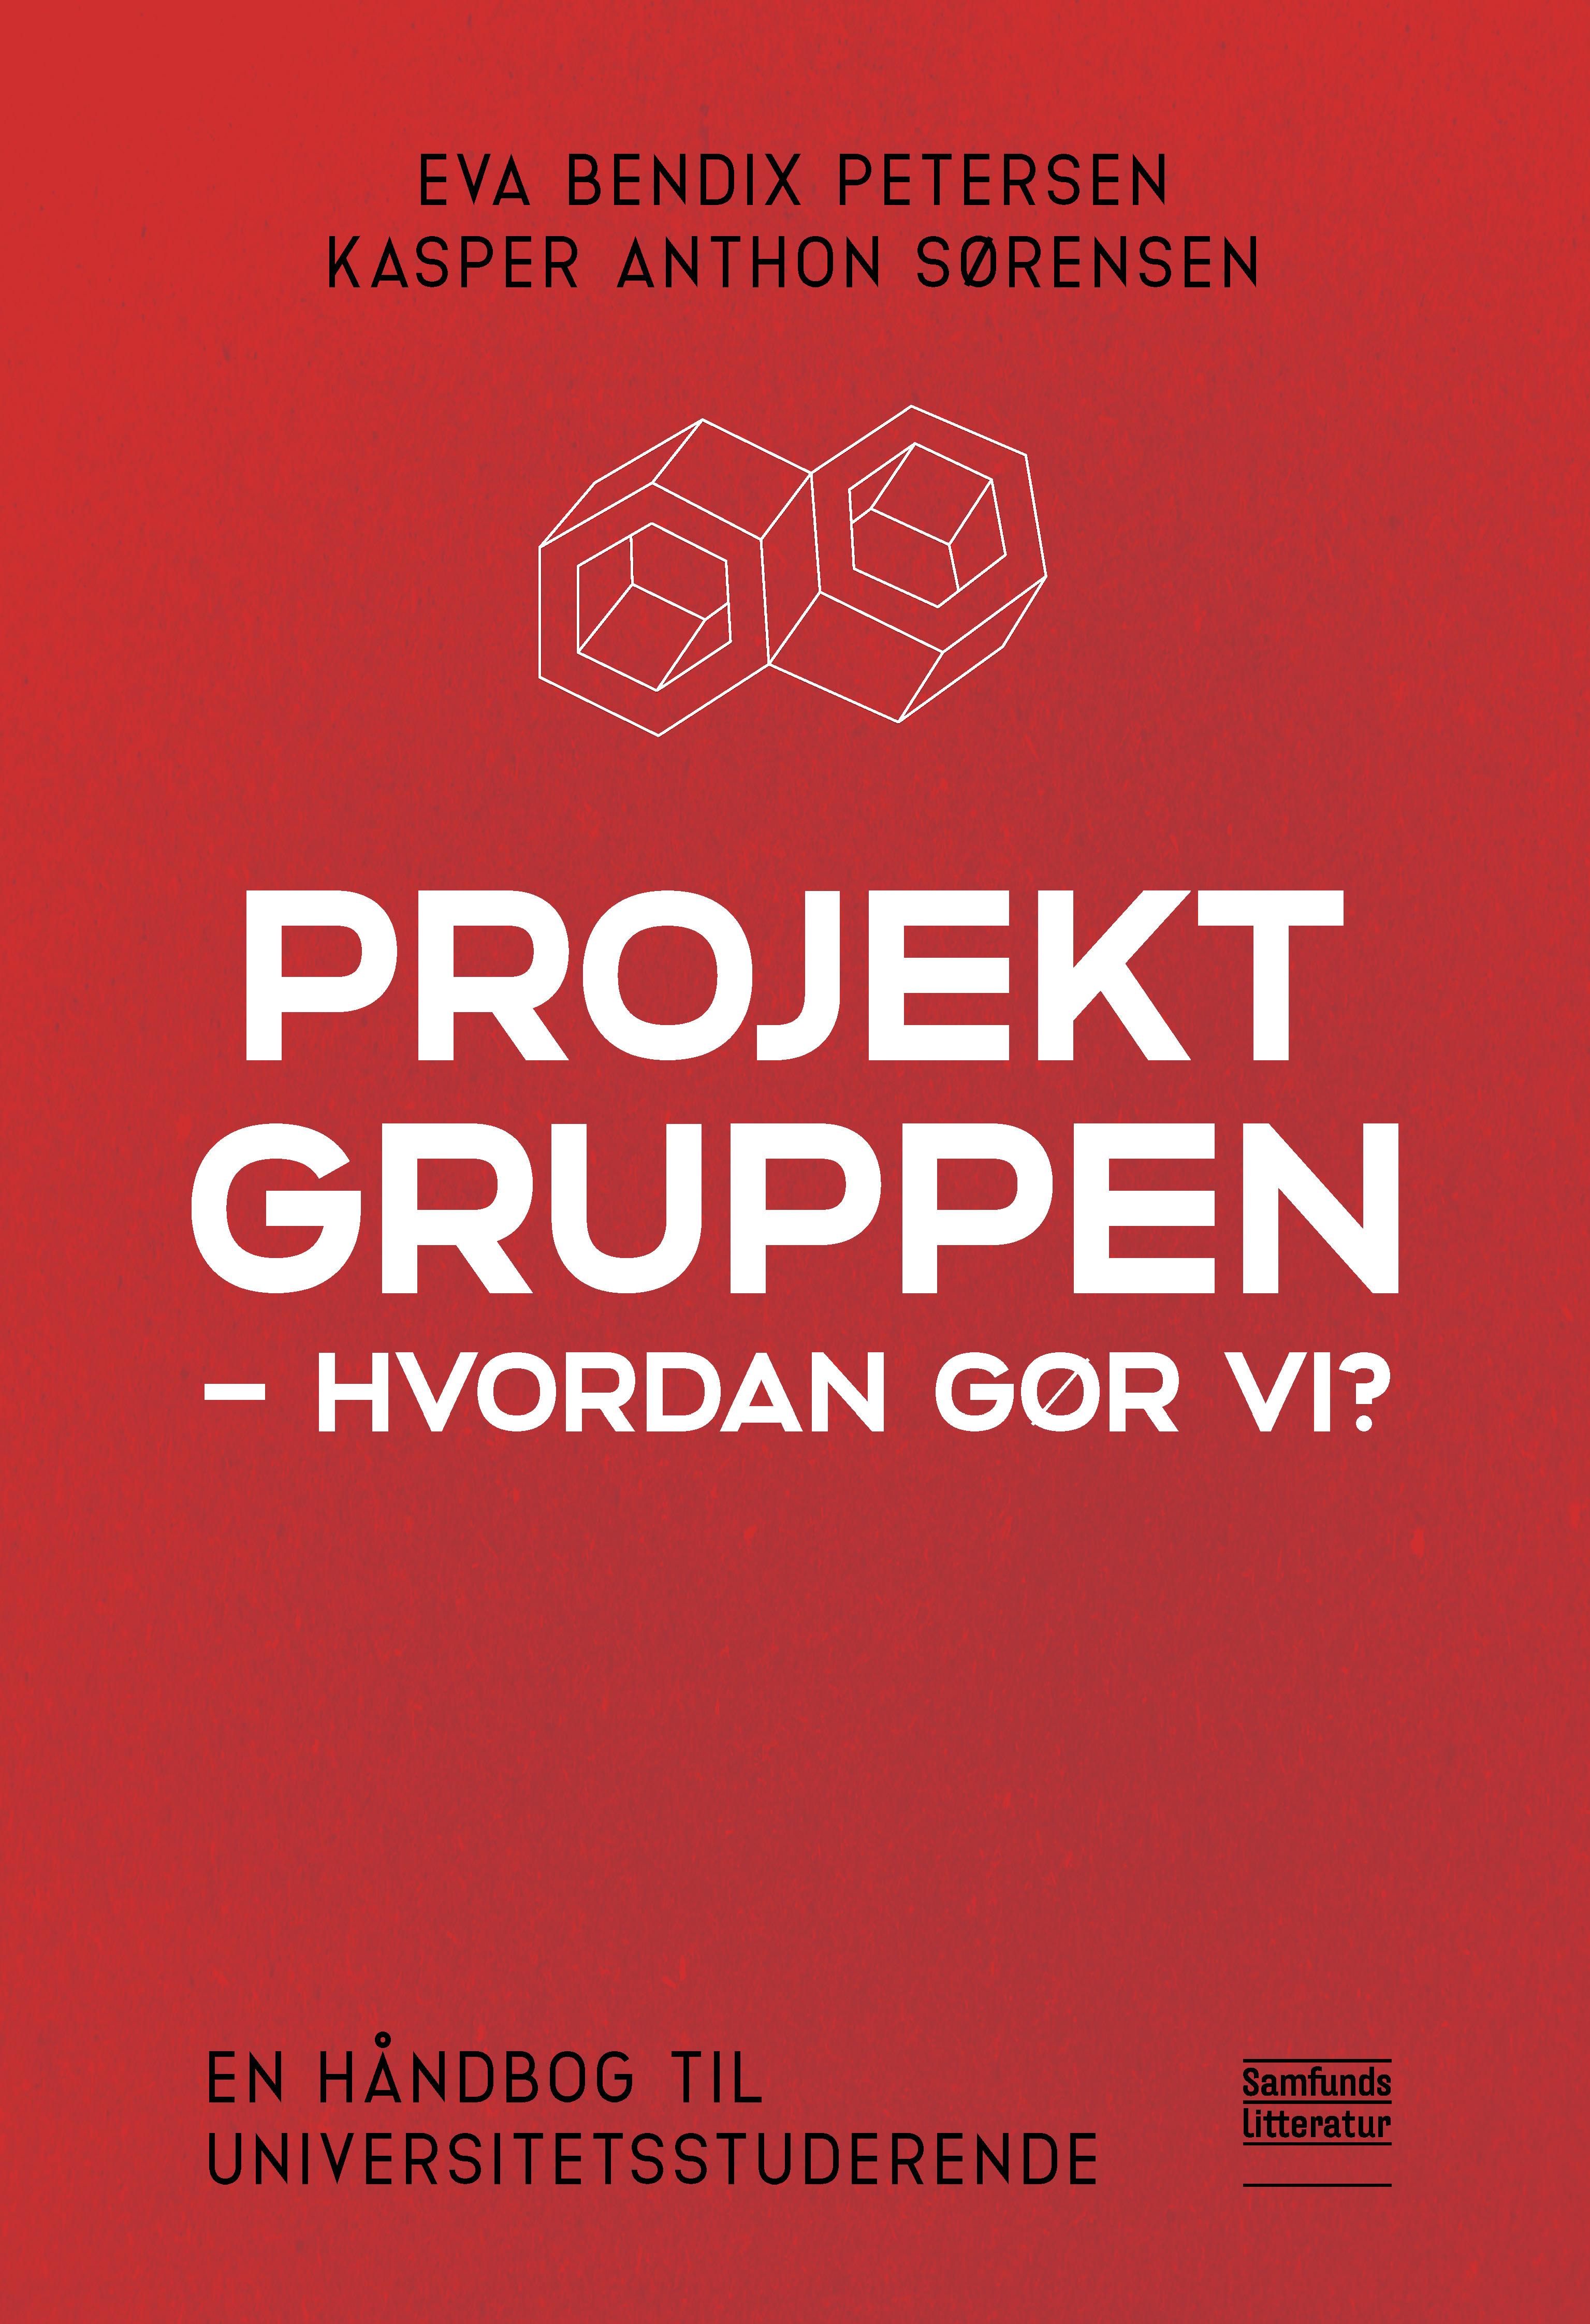 Projektgruppen - hvordan gør vi?